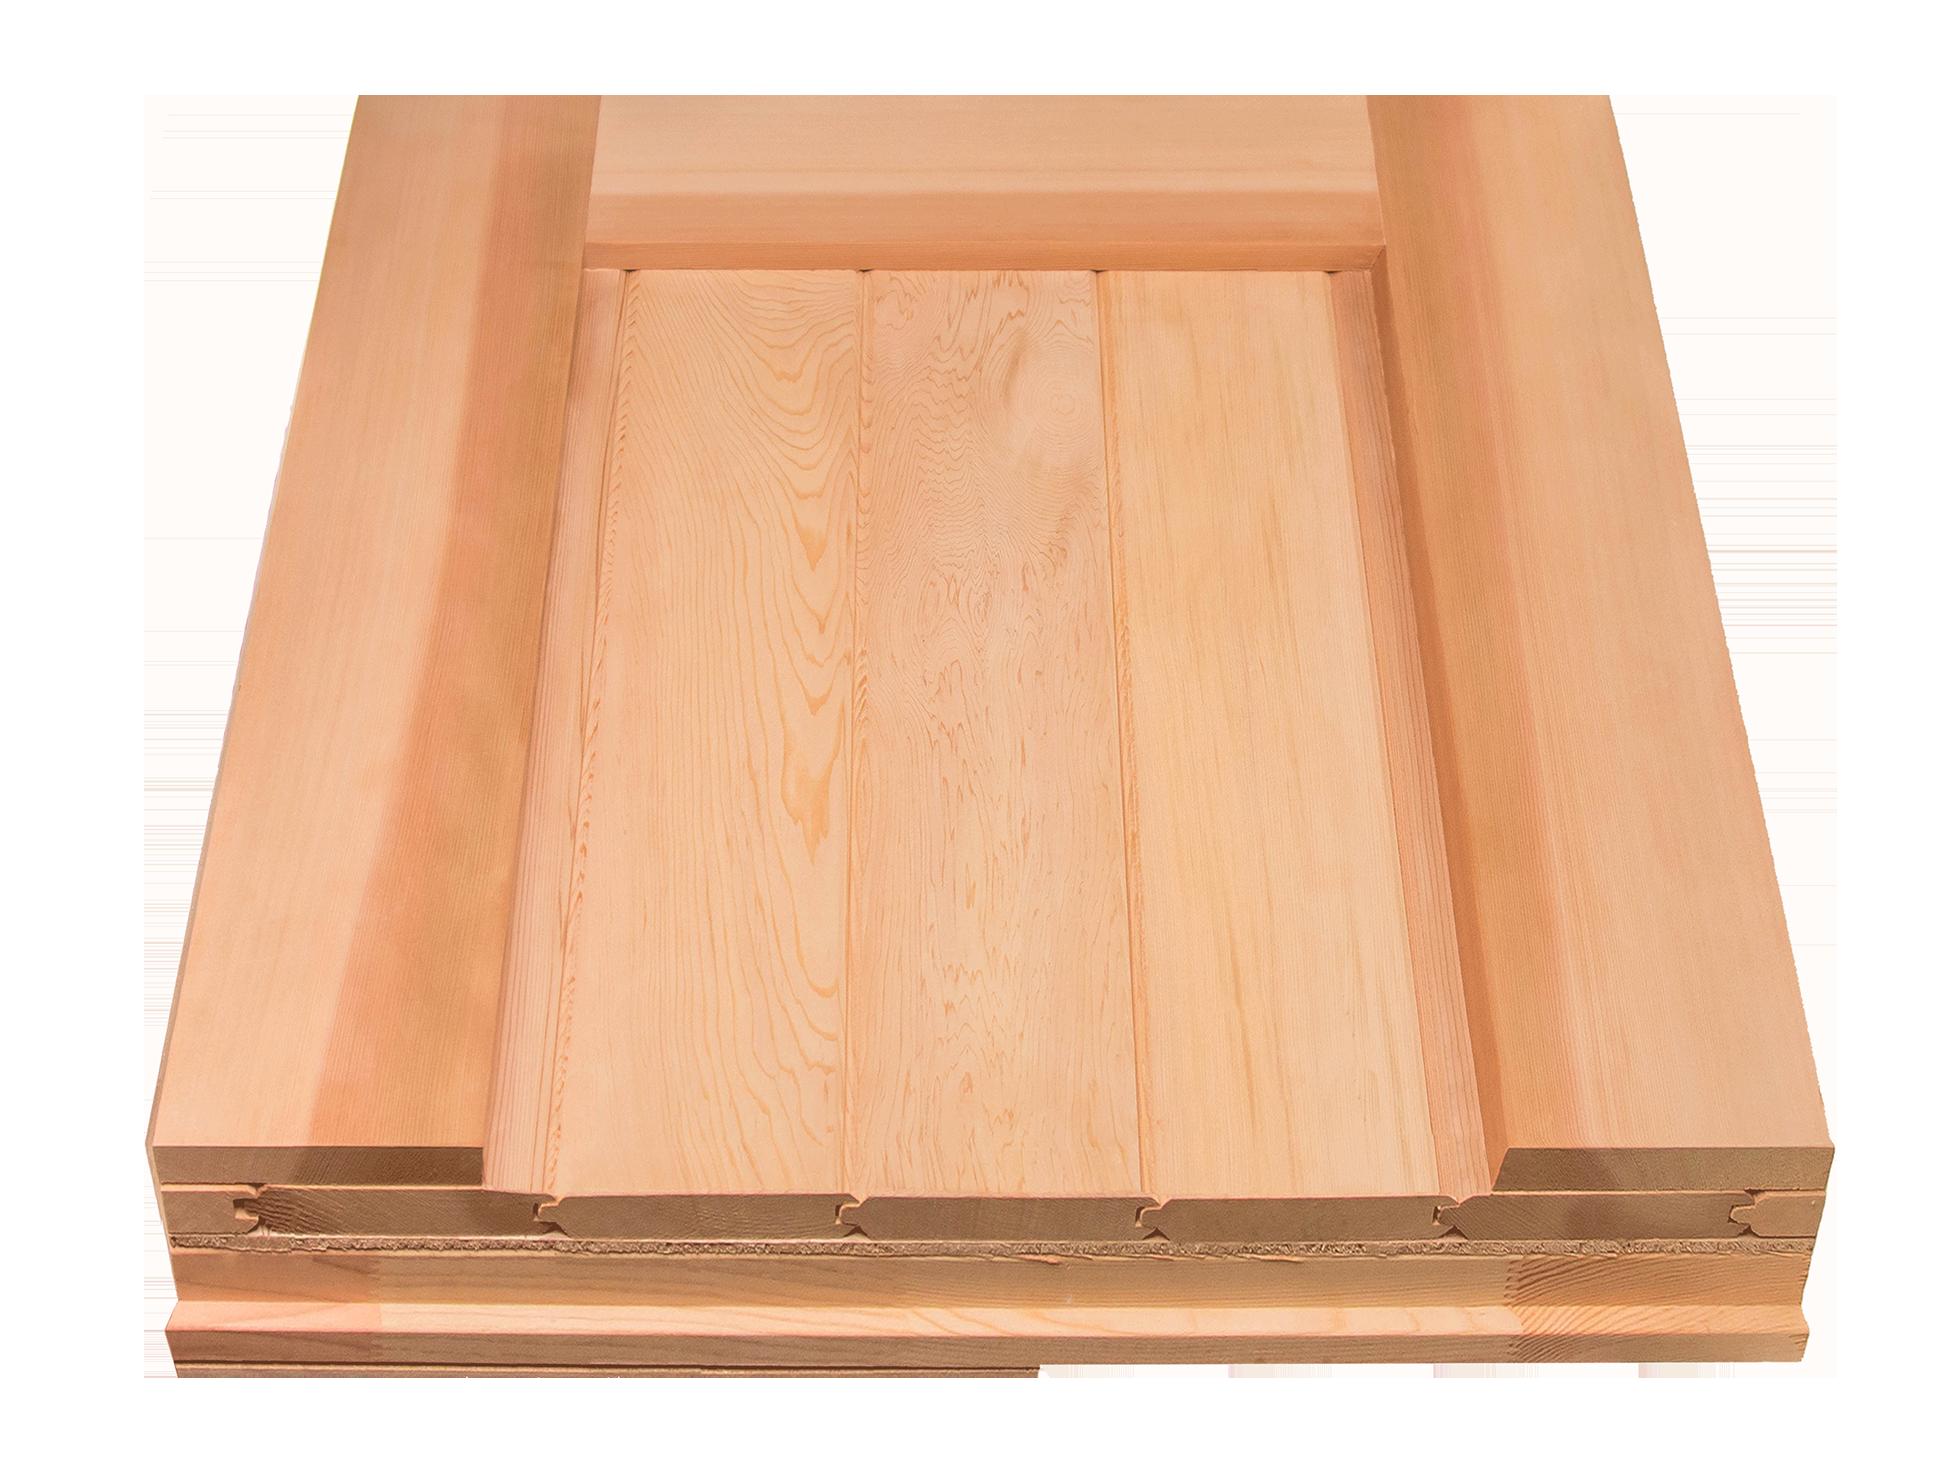 Western Red Cedar Eco Friendly Wood RW Garage Doors